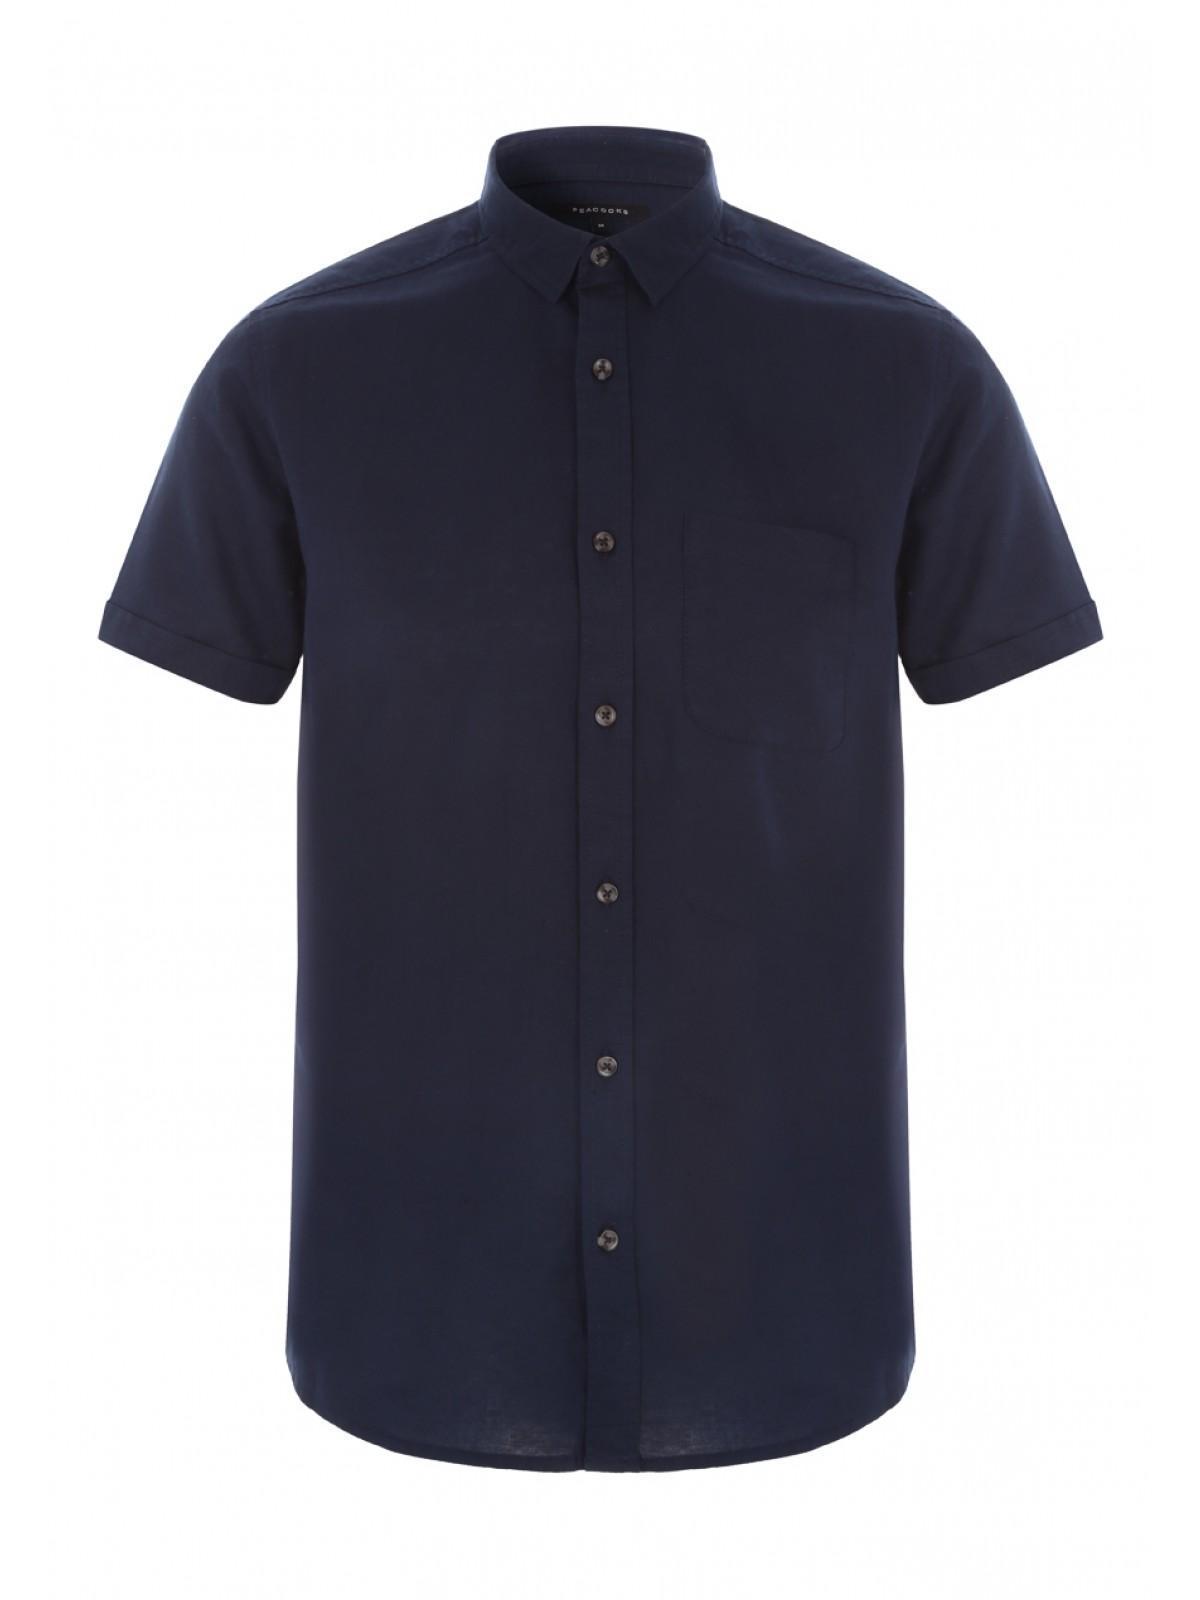 d5917cebc5aa Home; Mens Dark Blue Short Sleeve Linen Shirt. Back. PreviousNext